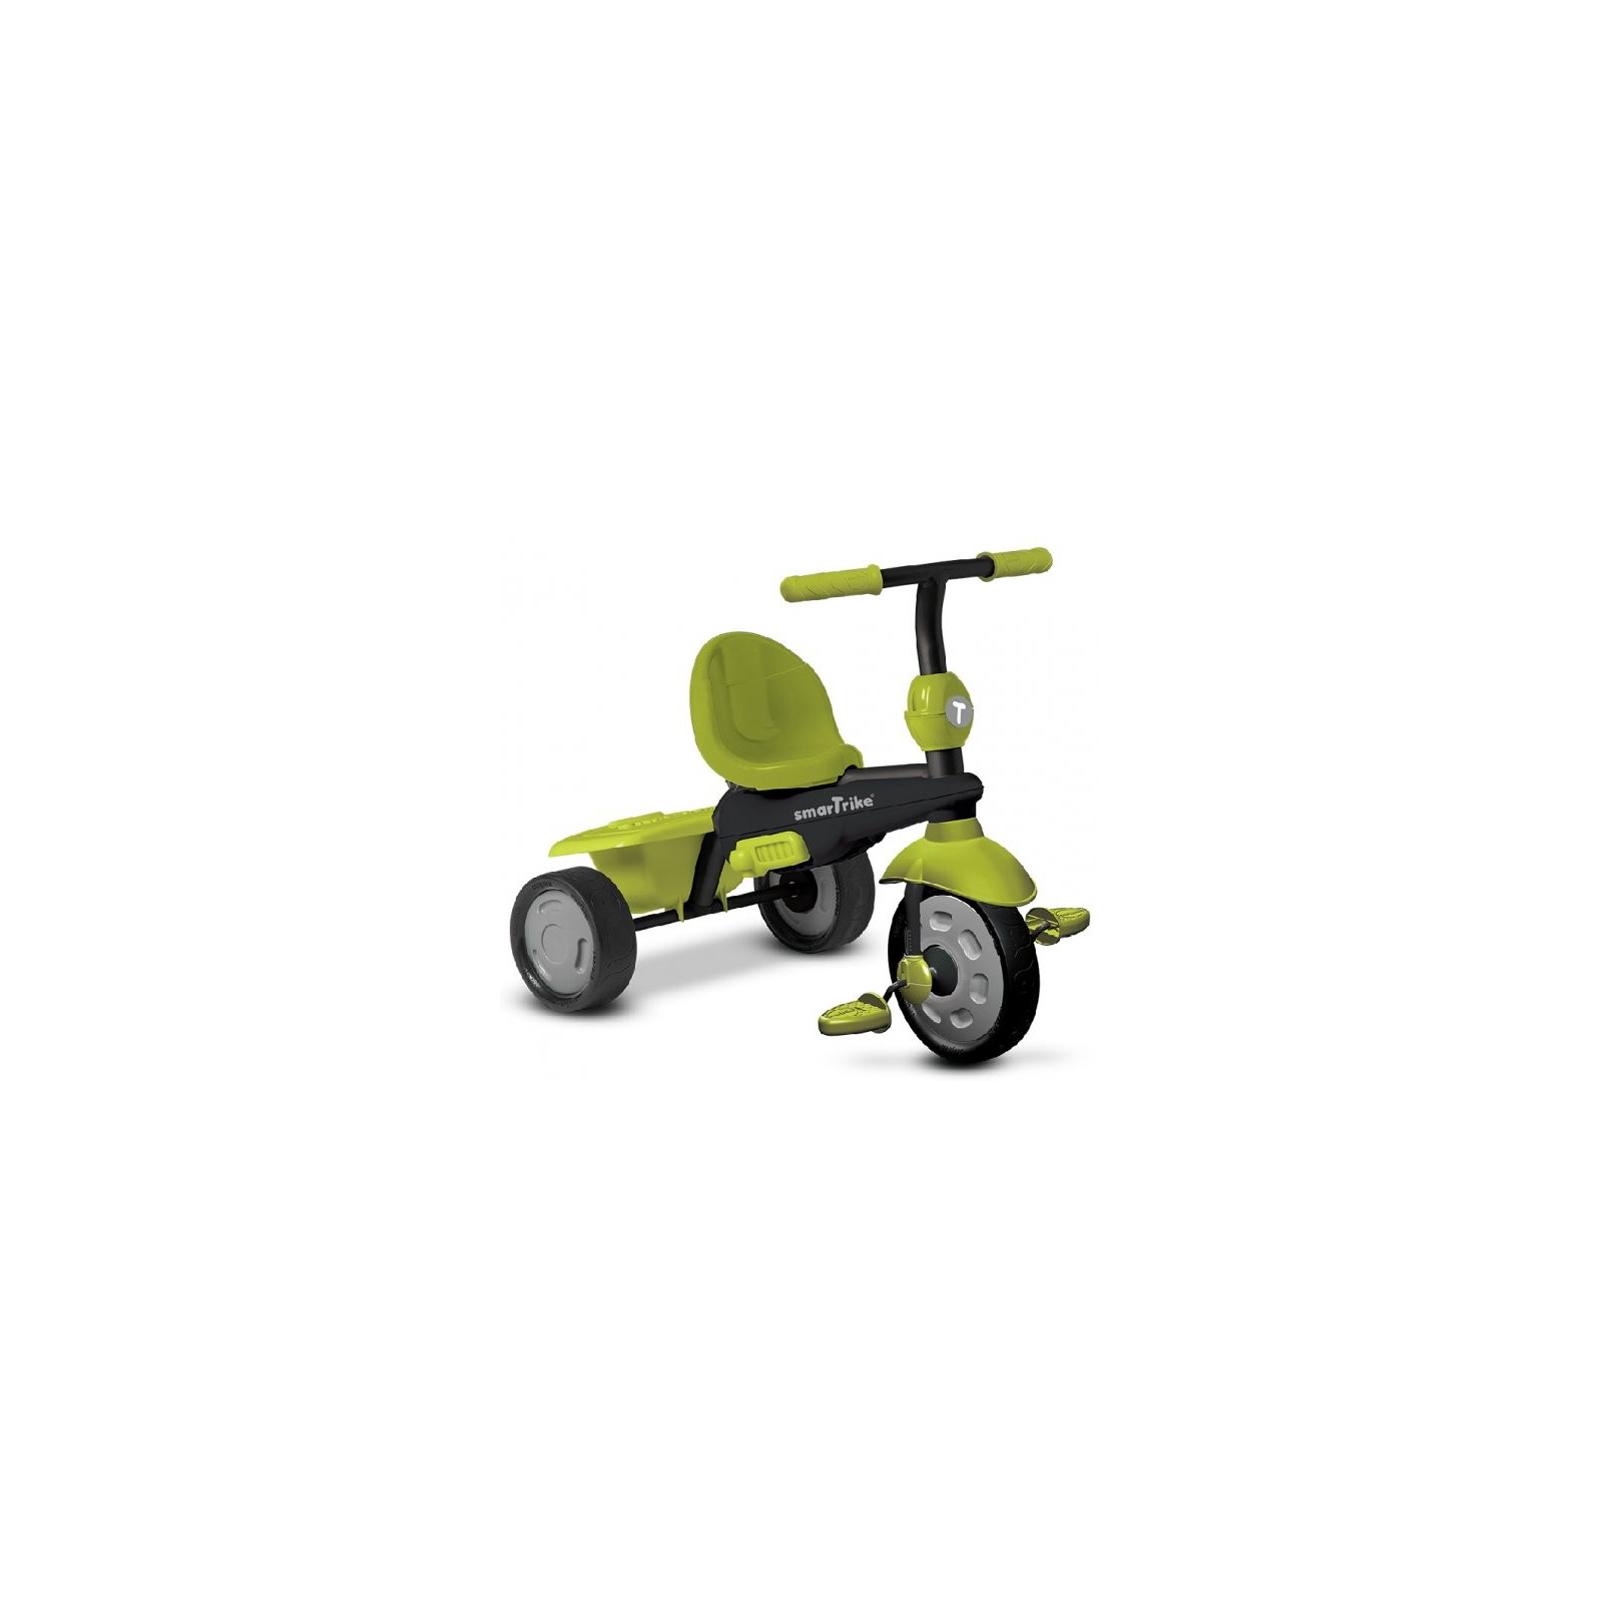 Детский велосипед Smart Trike Glow 4 в 1 Red (6401500) изображение 4